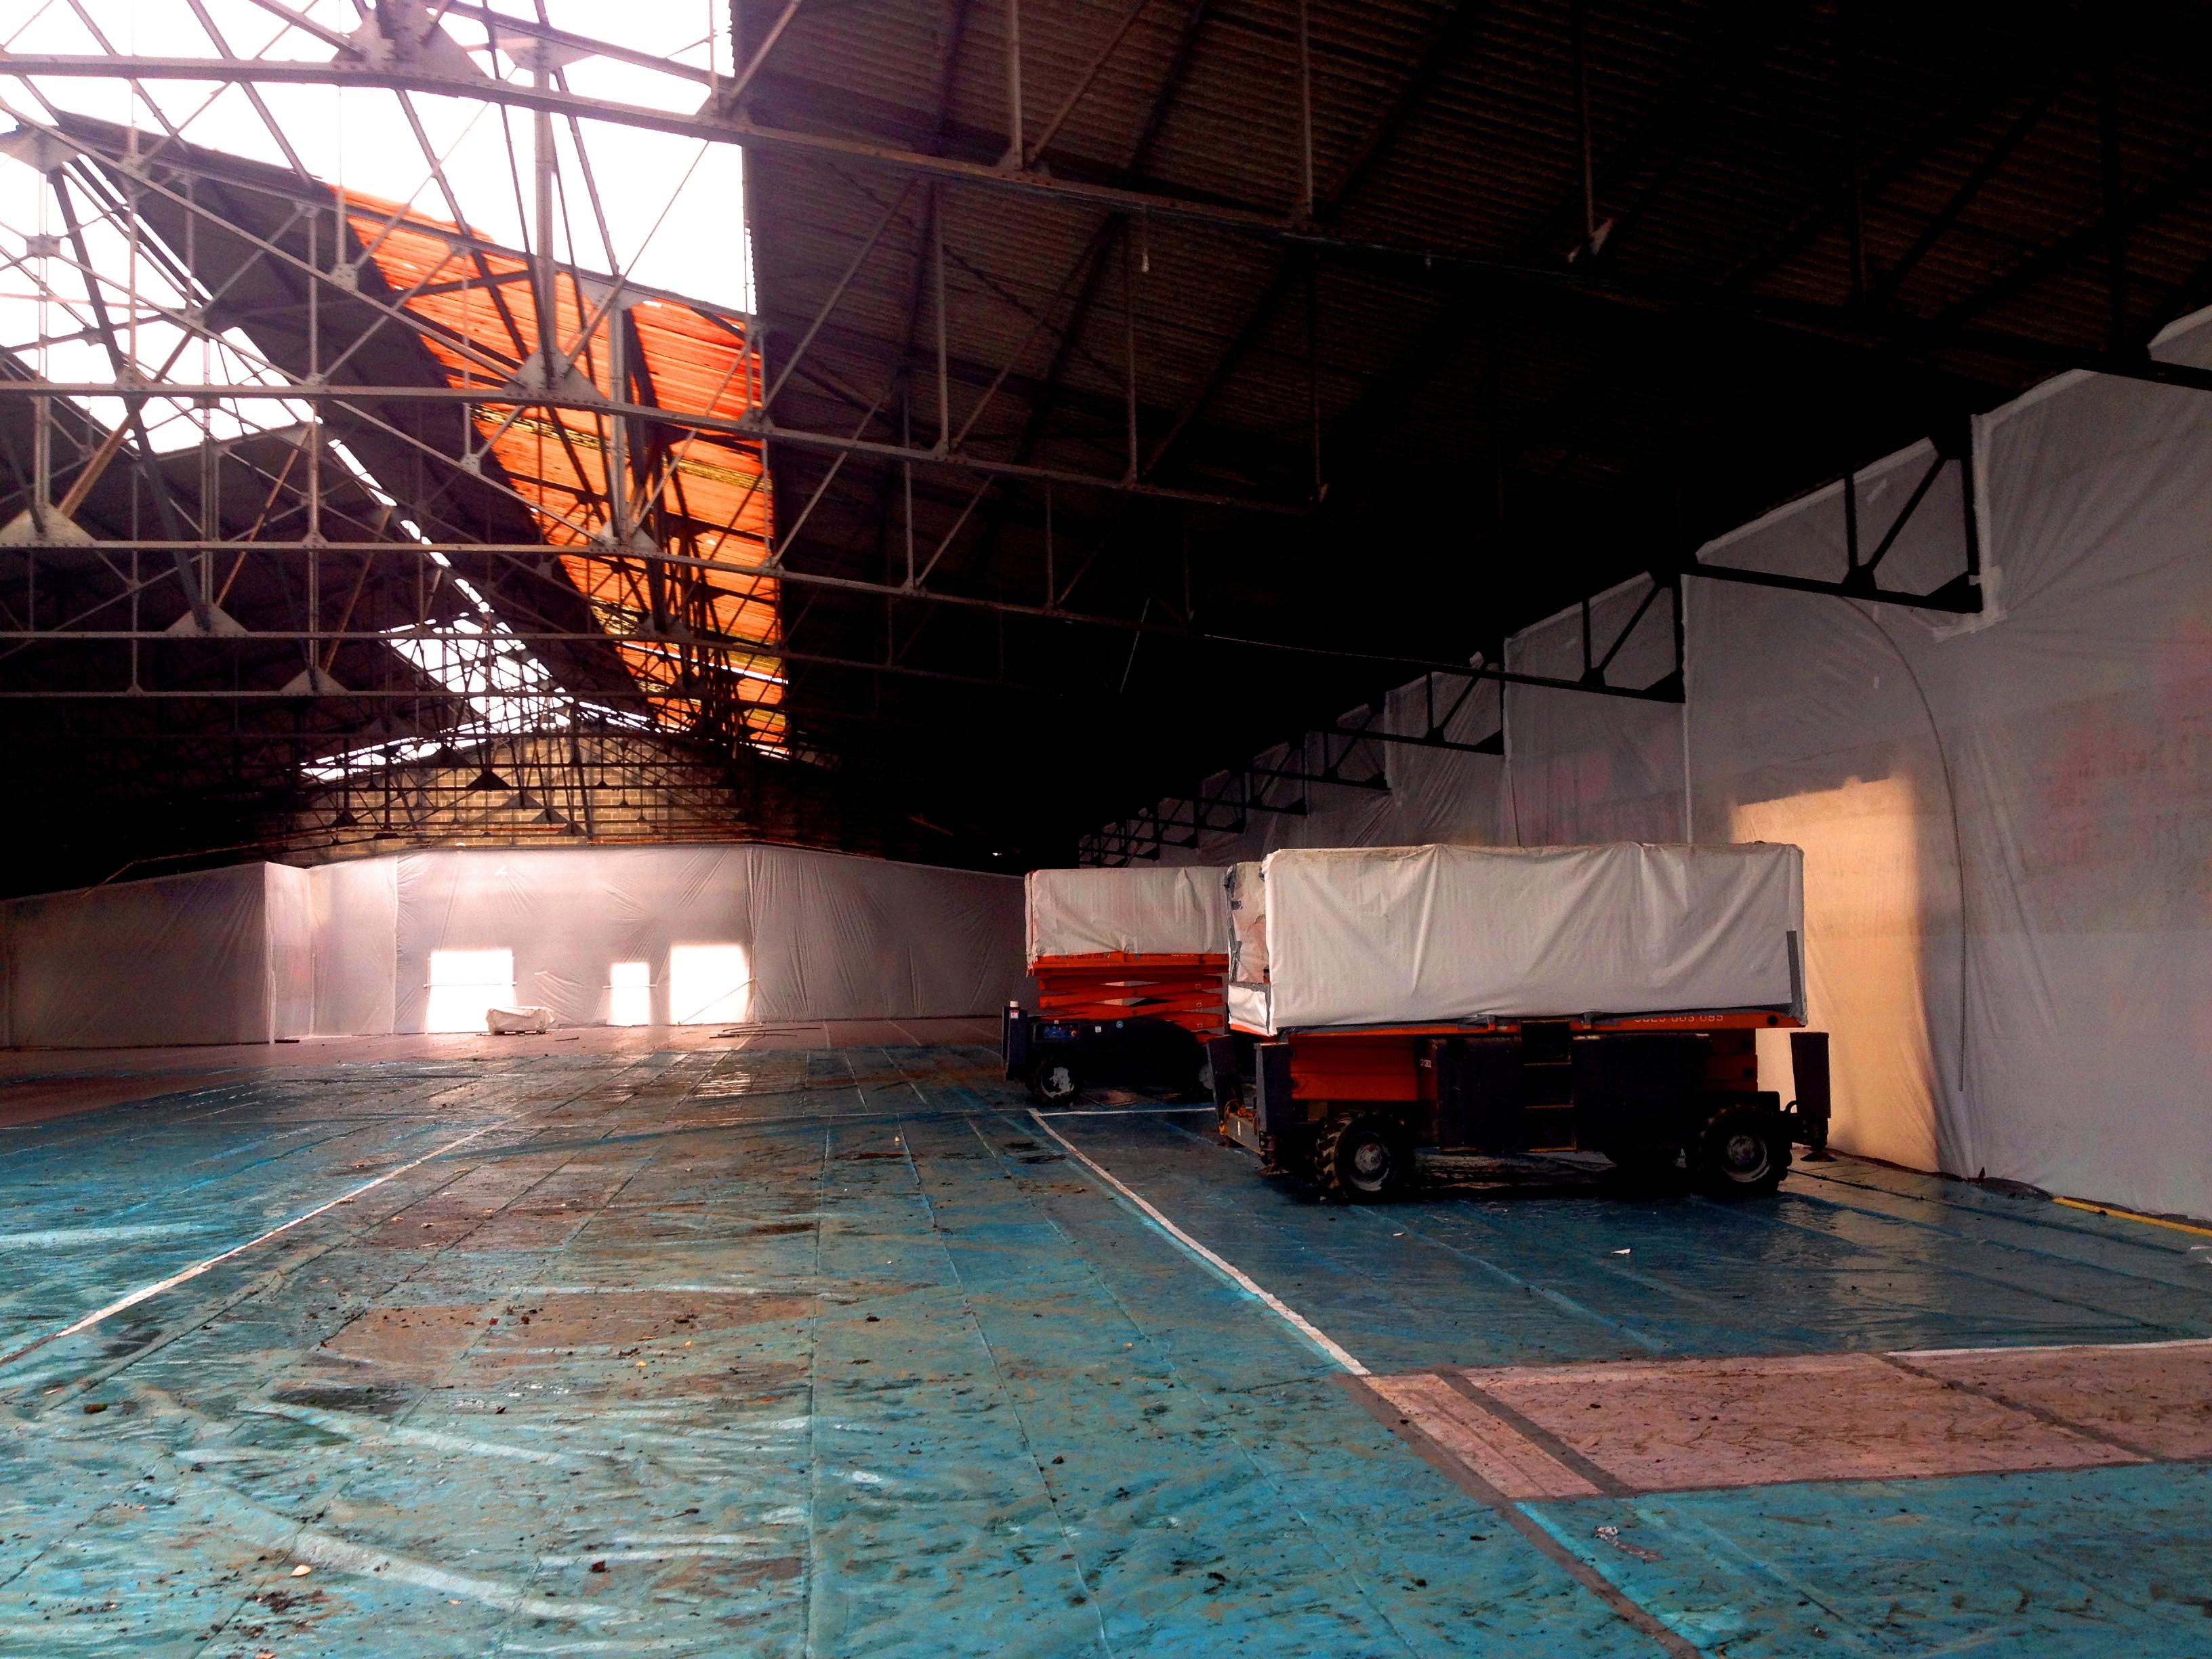 Soveamiant - Désamiantage entreprise industrielle Rennes